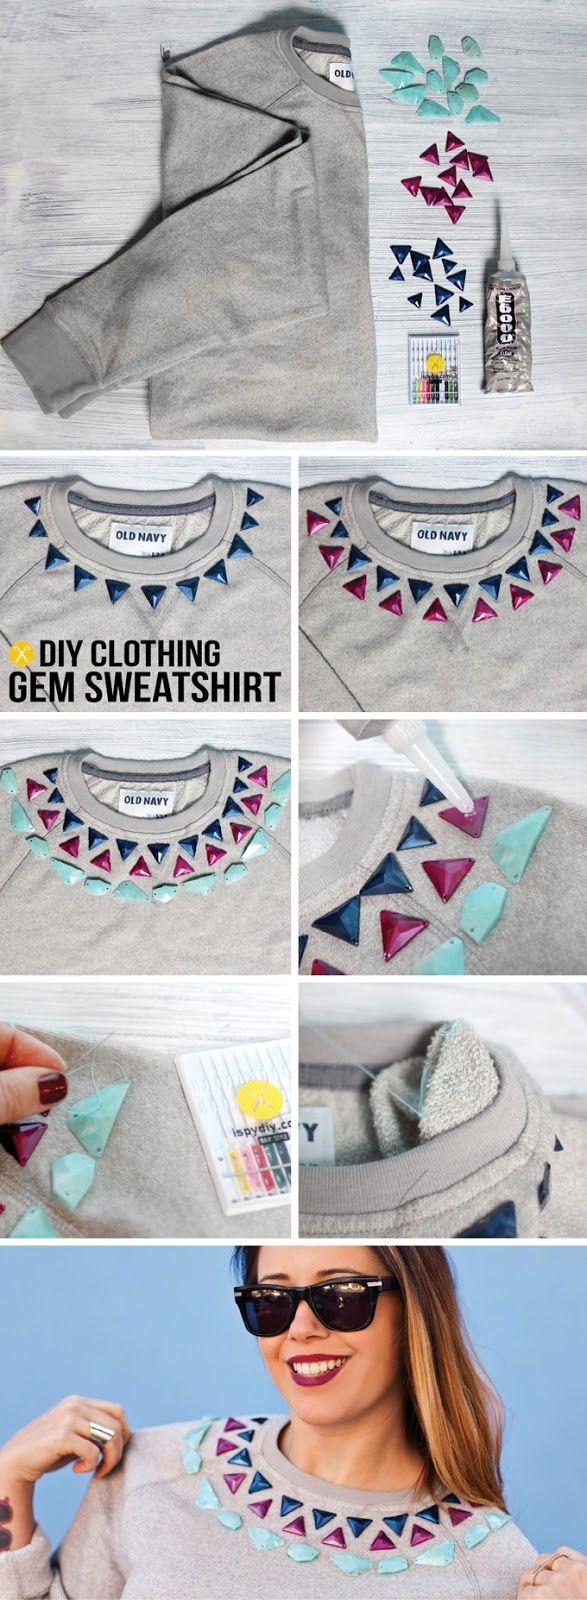 19 DIY Fashion Projects, DIY | Gem Embellished Sweatshirt